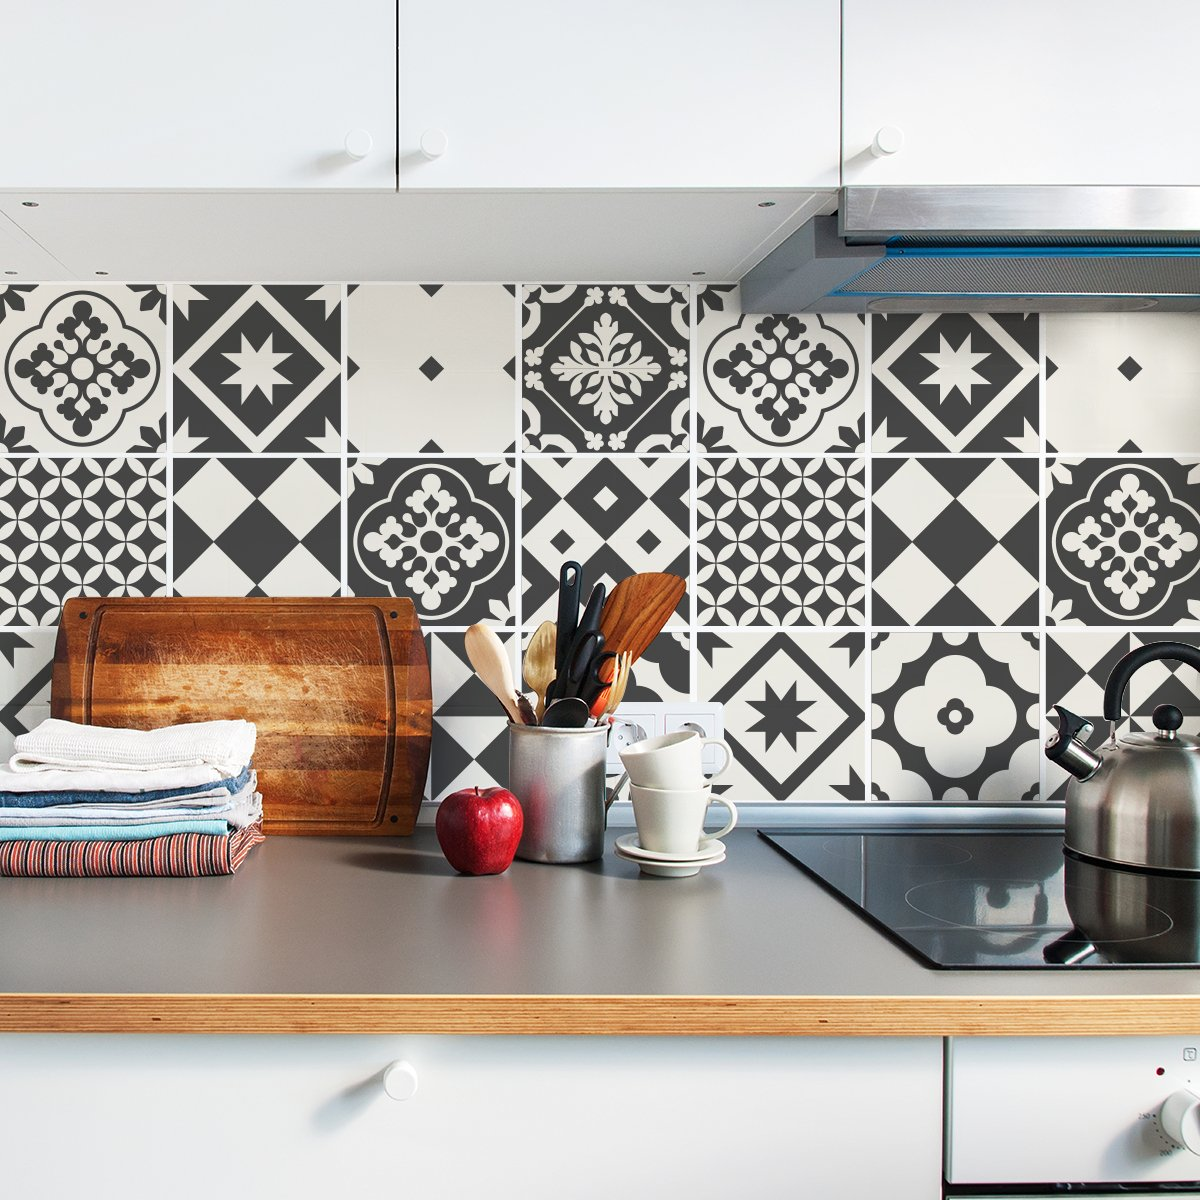 Sirface géométrique Échelle de Gris Tile Stickers–Ensemble de Stickers pour carrelage pour Cuisine et Salle de Bain–Lot DE 24–Différentes Tailles Disponibles, 4x4 inches | 10x10 cm